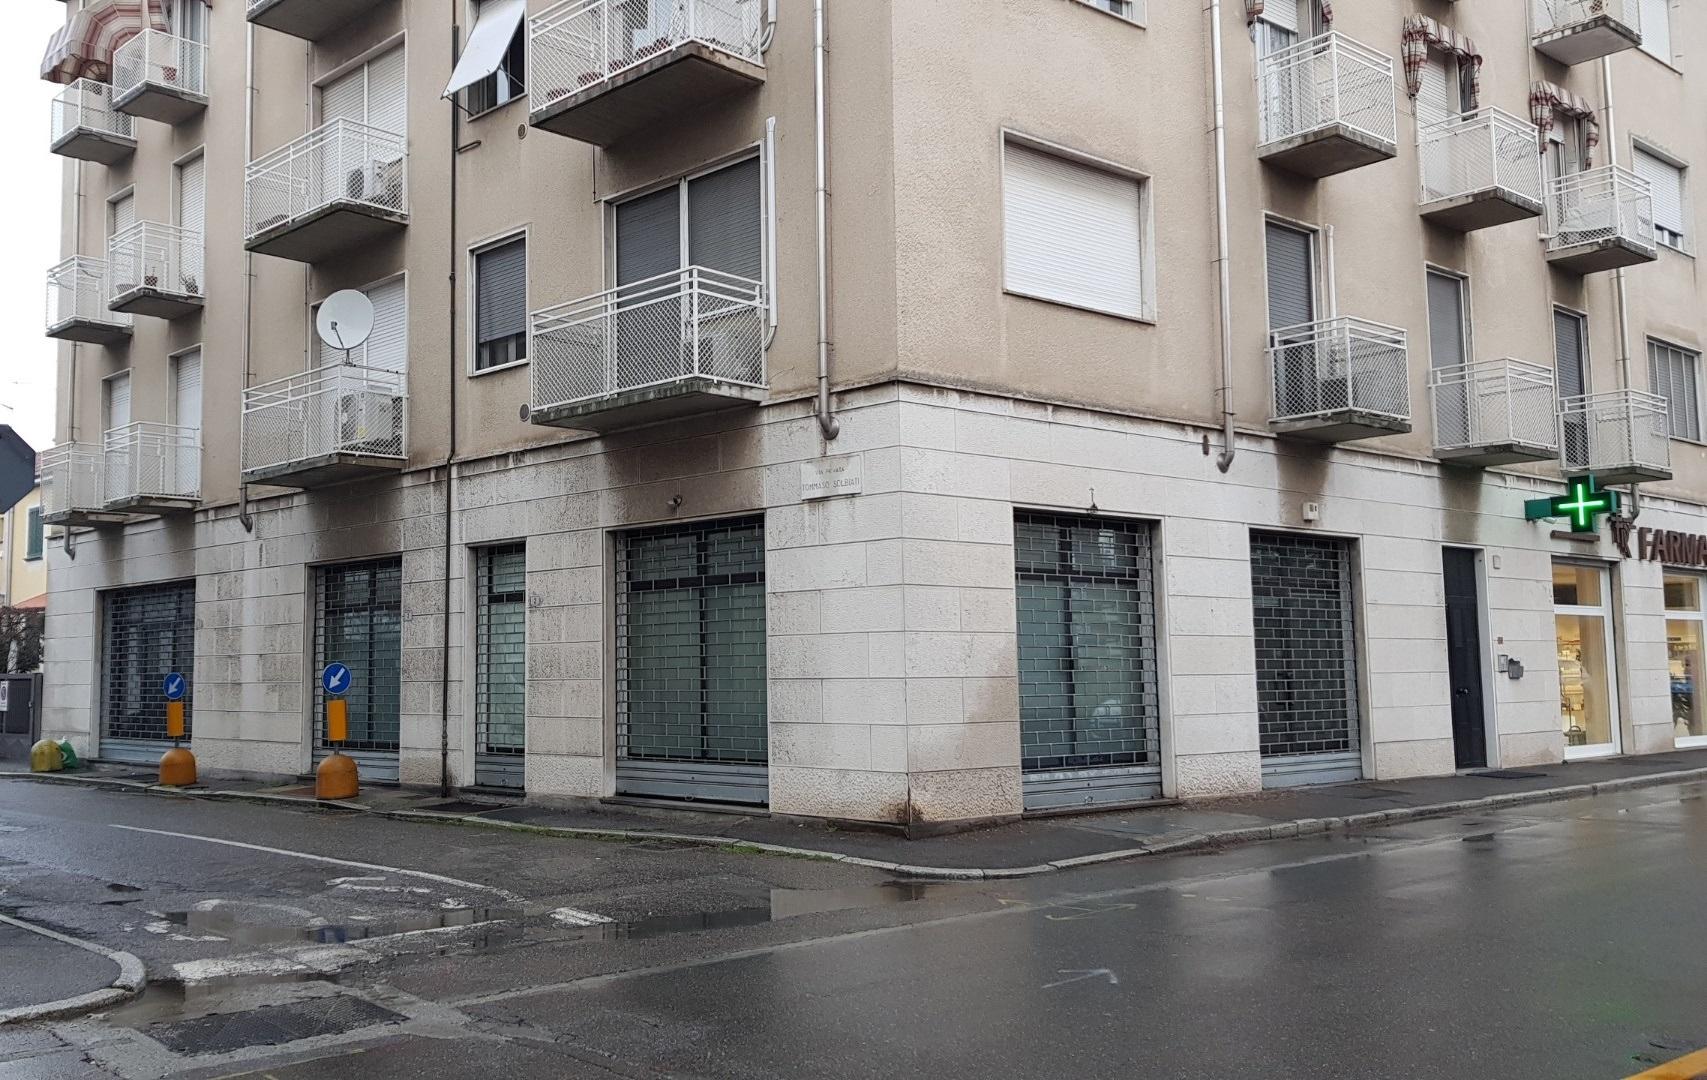 Negozio / Locale in affitto a Busto Arsizio, 9999 locali, zona Zona: Redentore, prezzo € 1.250 | CambioCasa.it